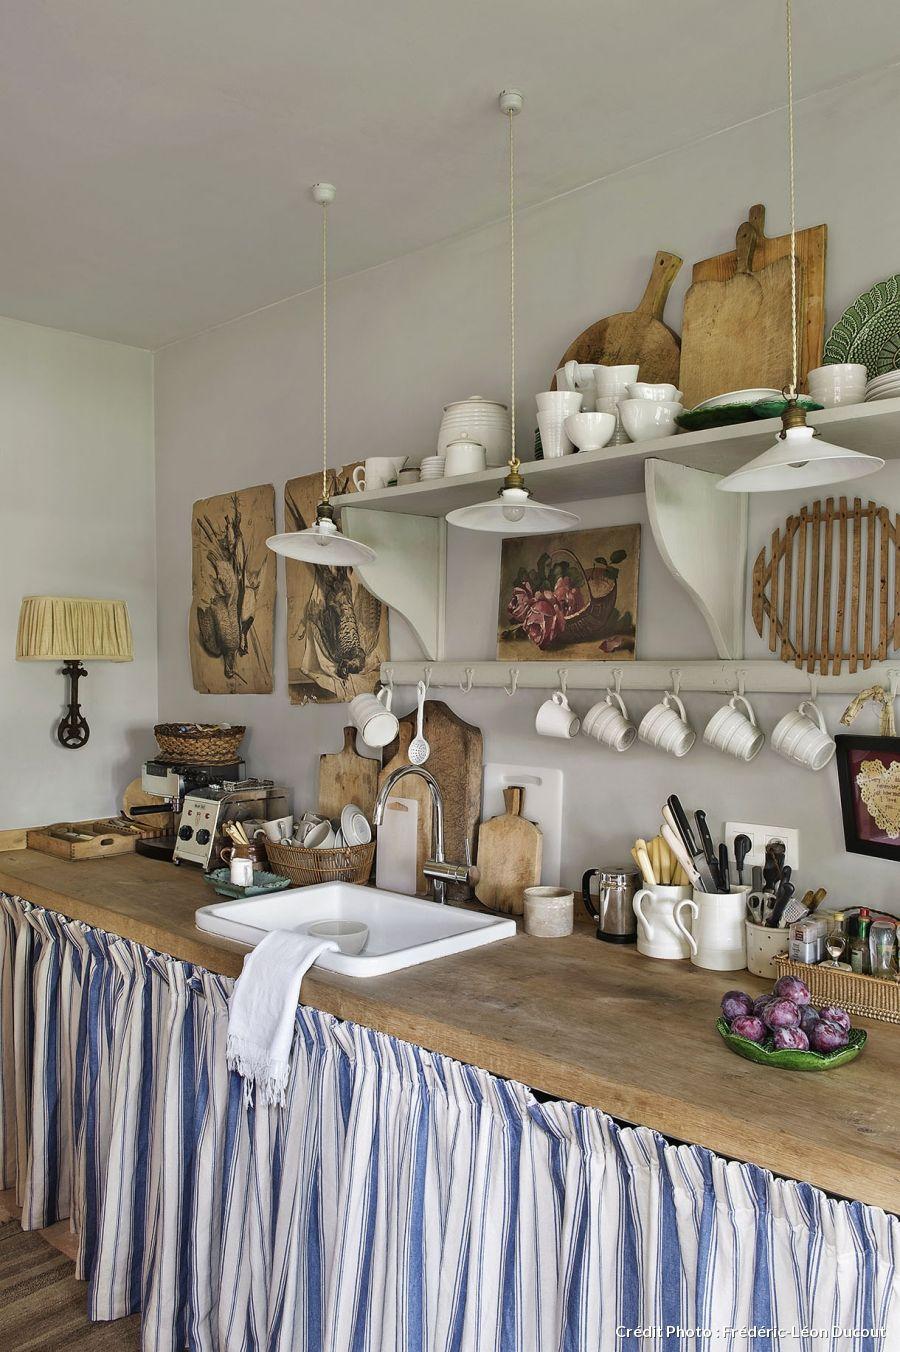 cuisine tissu cachant evier - Recherche Google | i ❤ kitchen ...